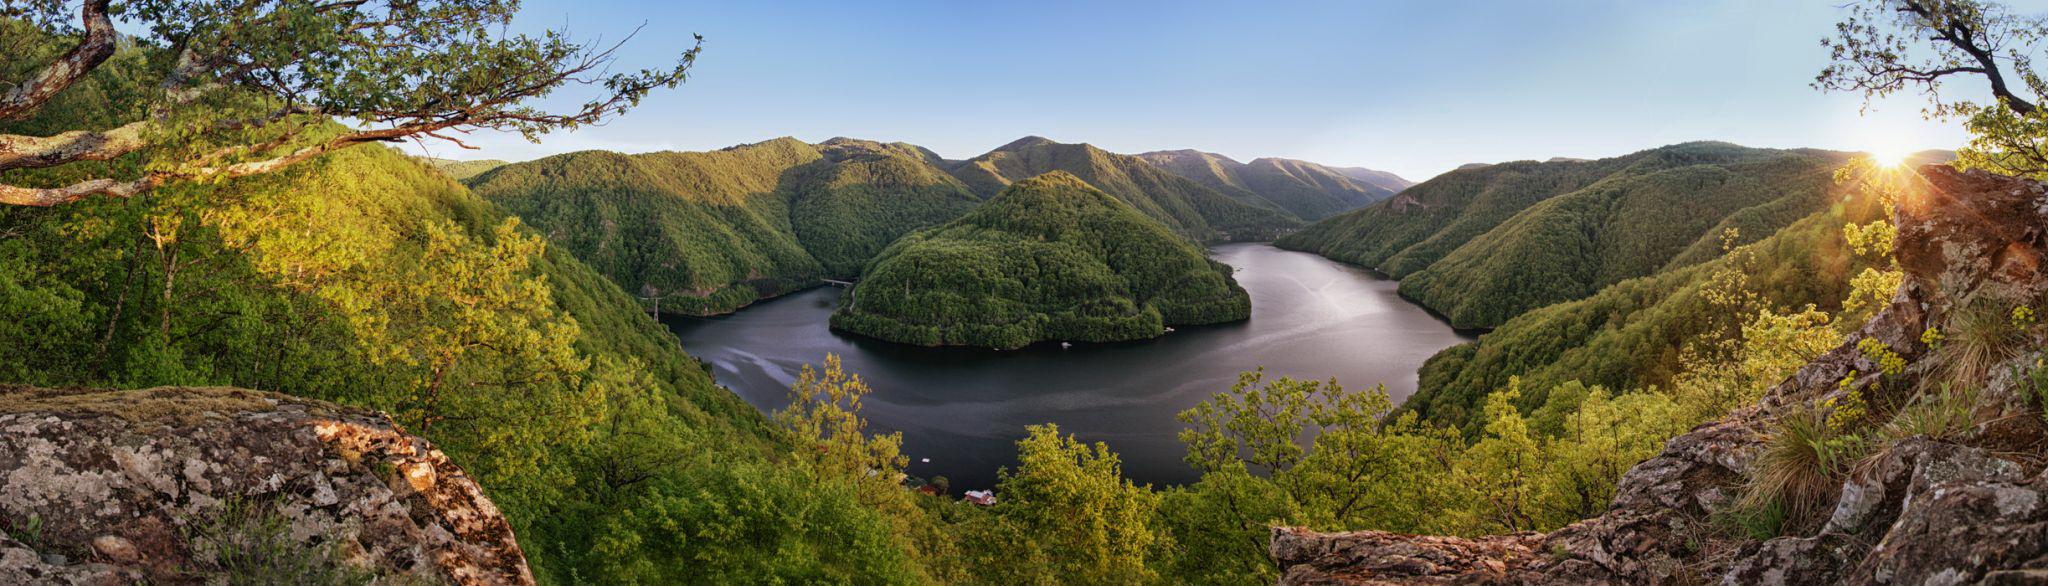 Lacul Tarnita, Piatra lui Dan